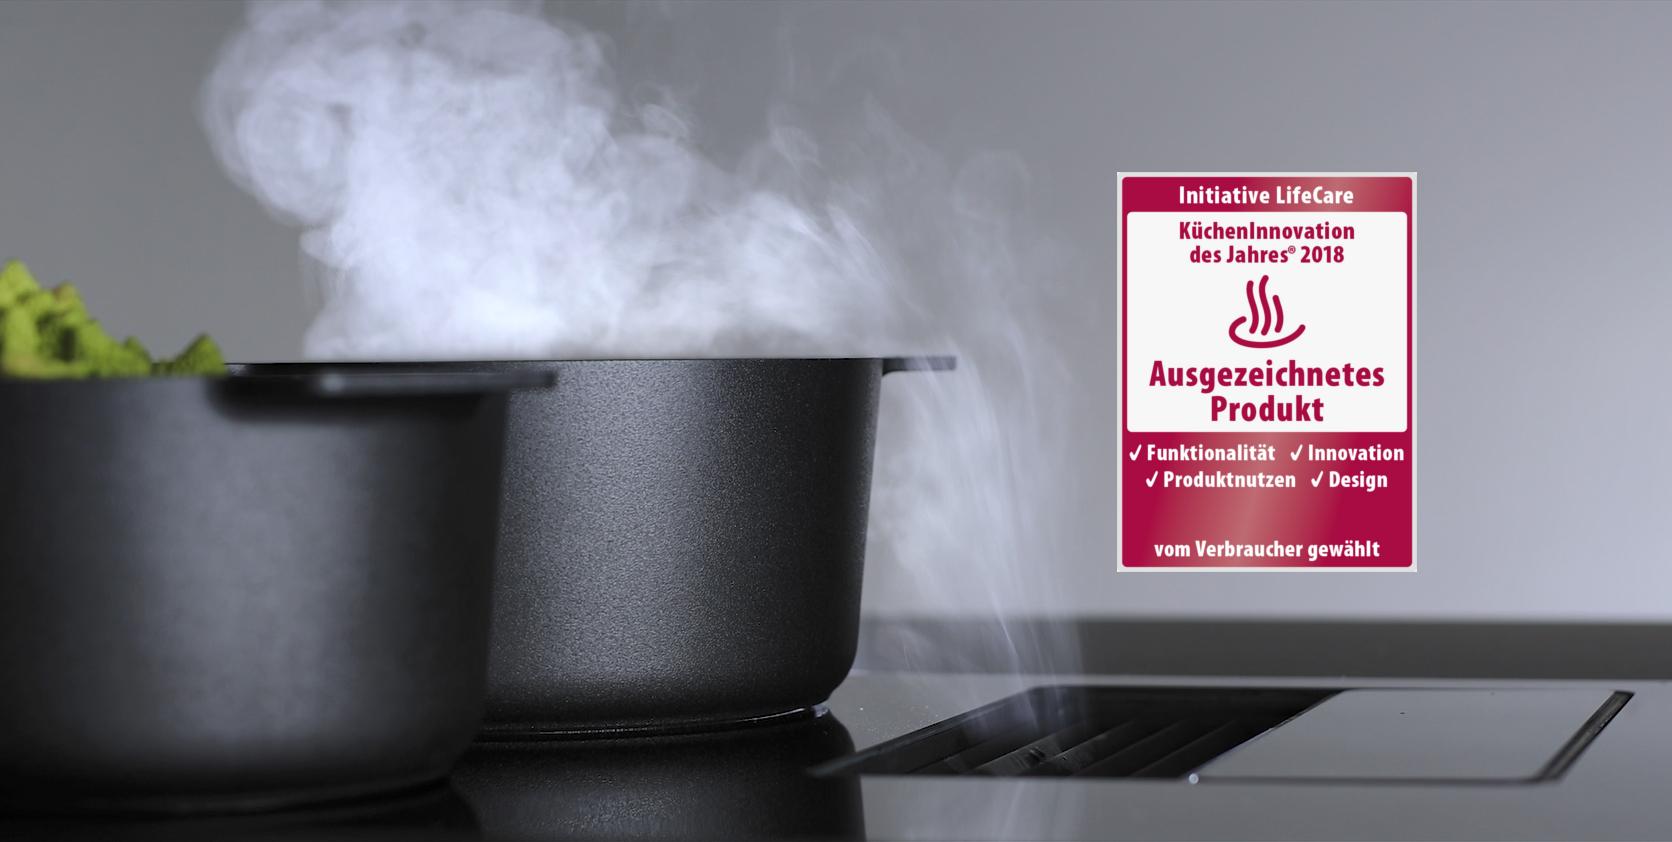 Hotte pour plaque de cuisson berbel Downline récompensée